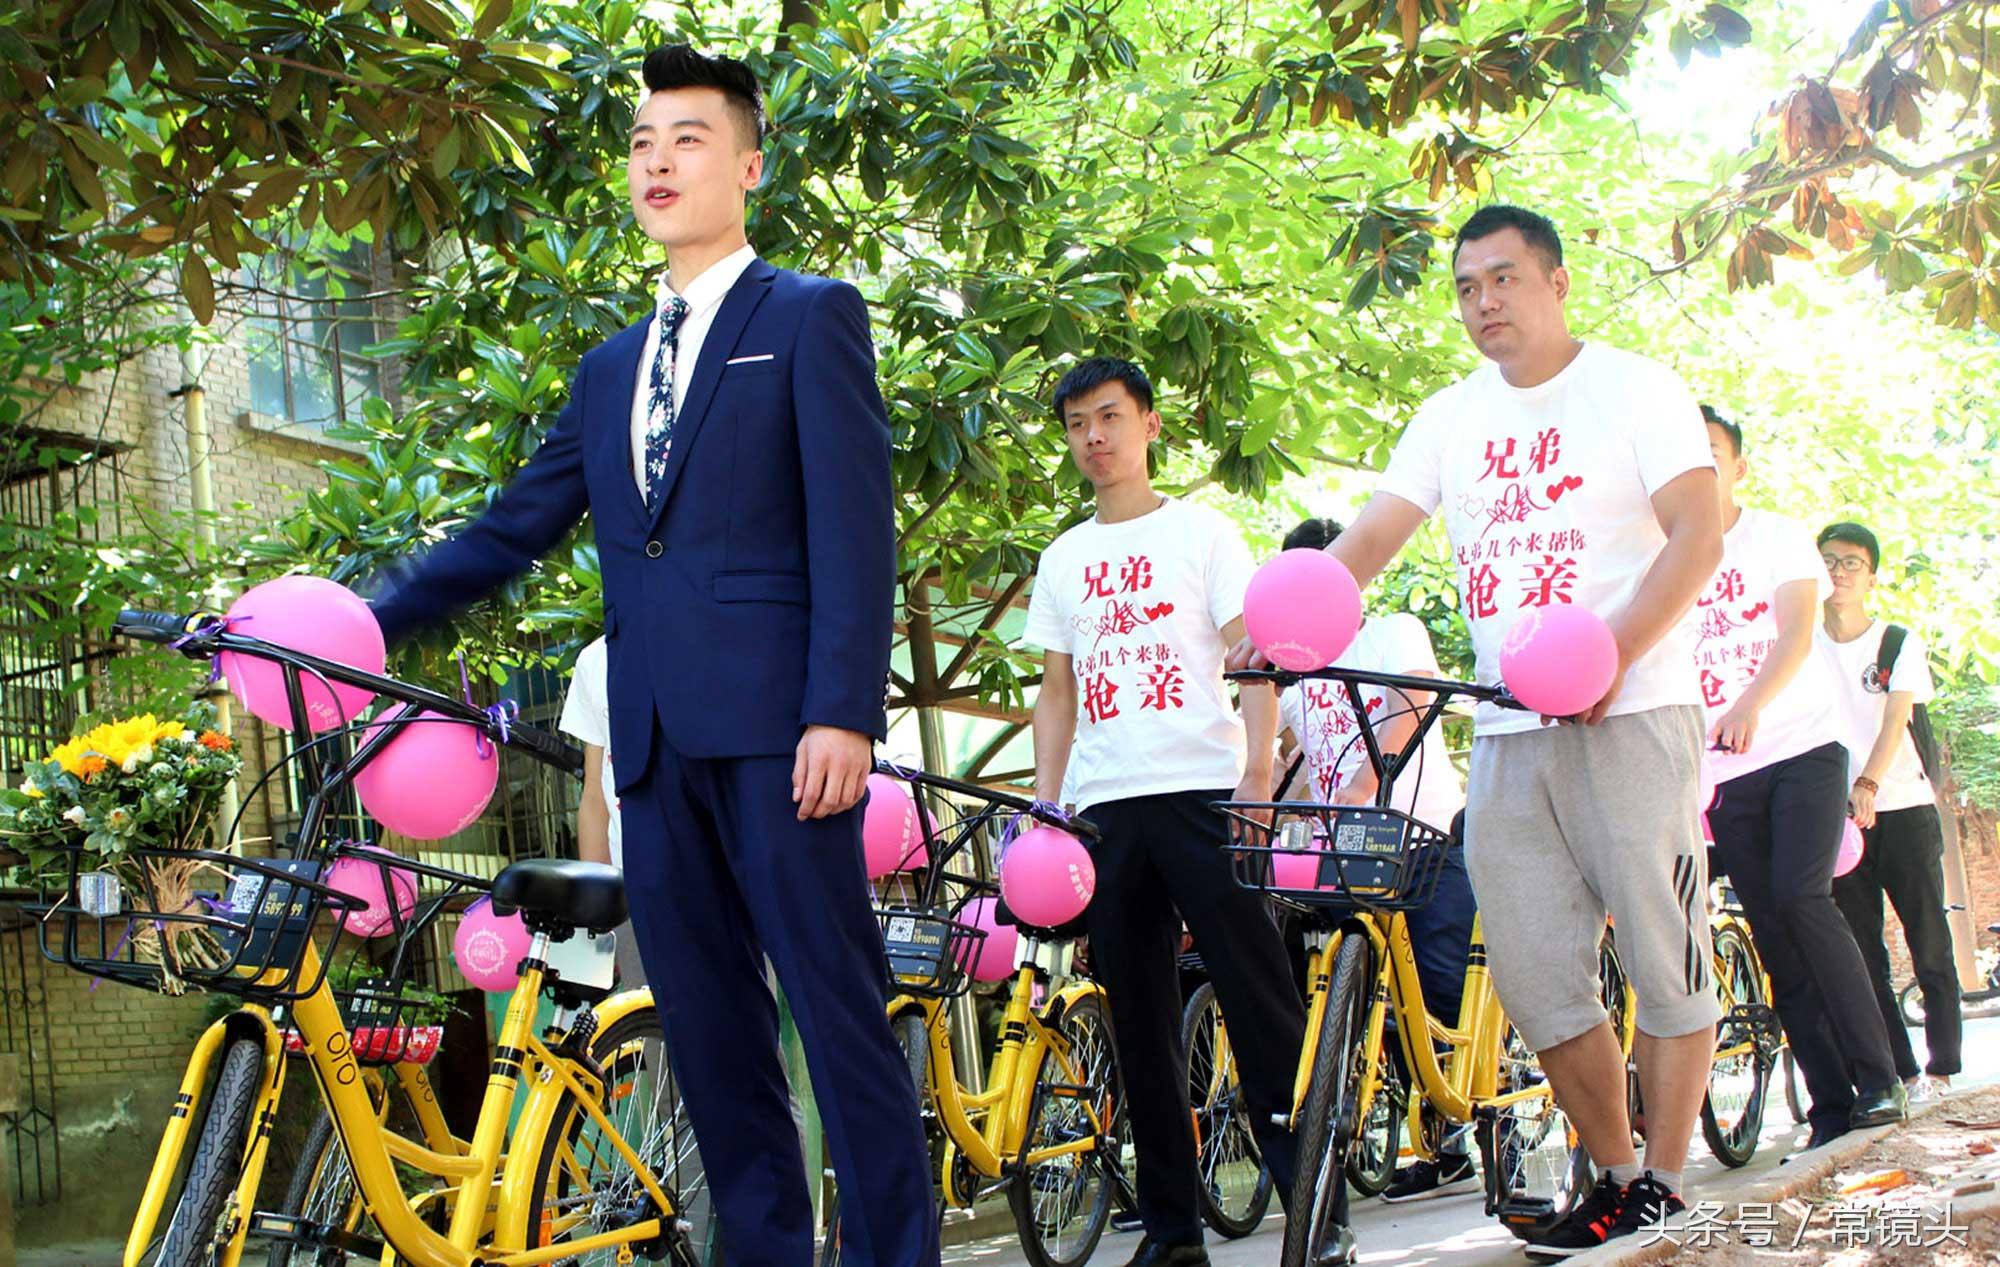 据新郎王豪介绍,用共享单车结婚这个创意源自于媳妇。当他们把这个想法告诉亲友之后,大家纷纷点赞这种既环保又节俭的婚礼形式。